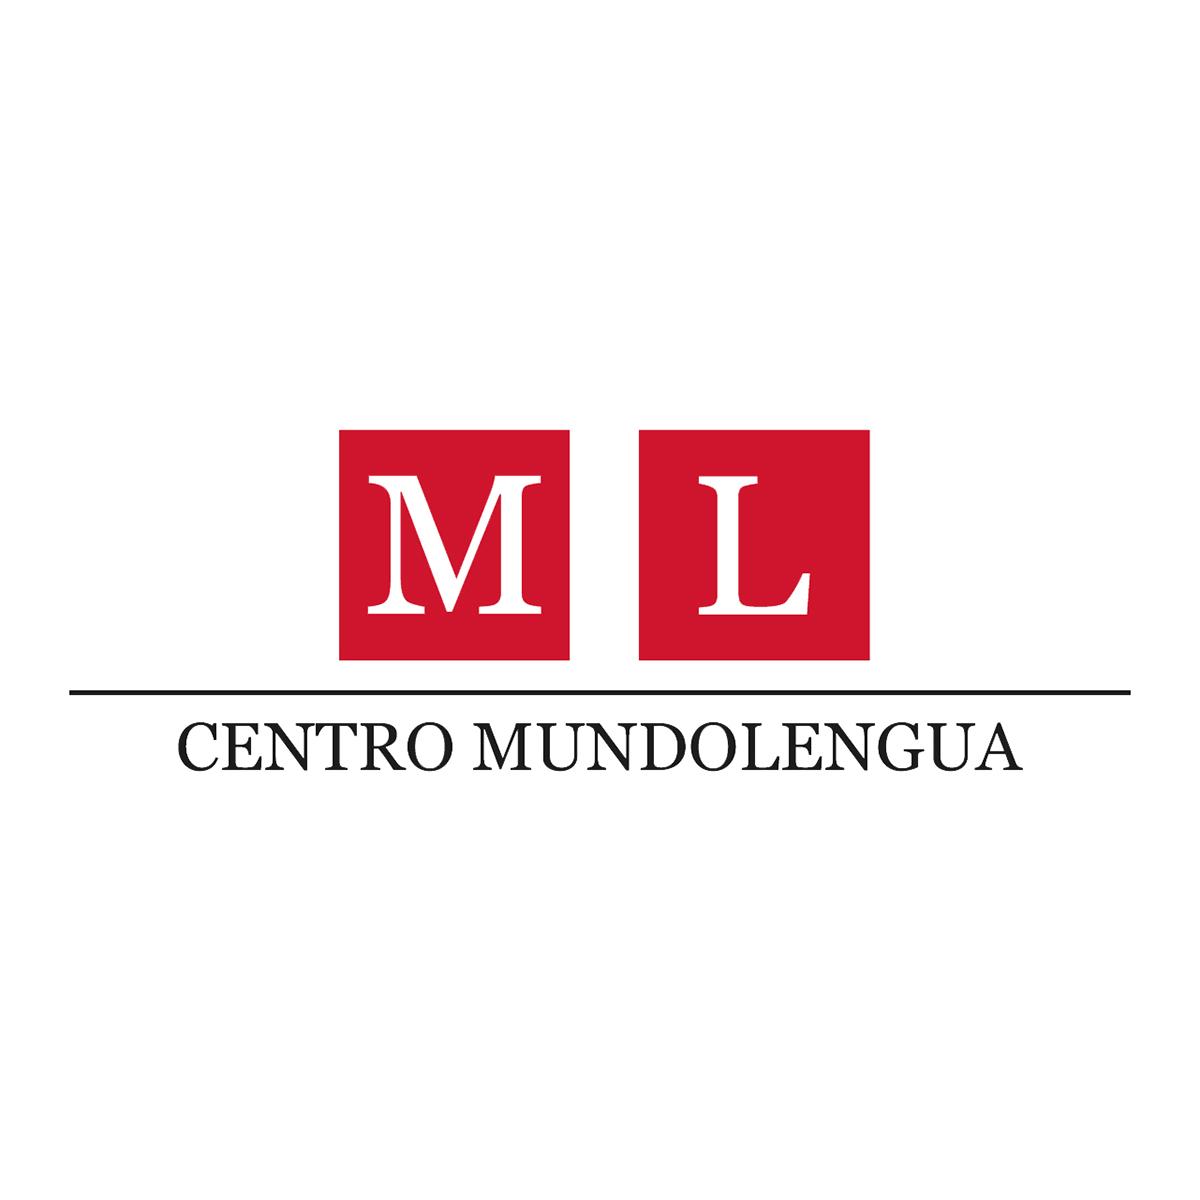 Centro MundoLengua: Pre-AP Spanish Language and Culture in Cadiz, Spain